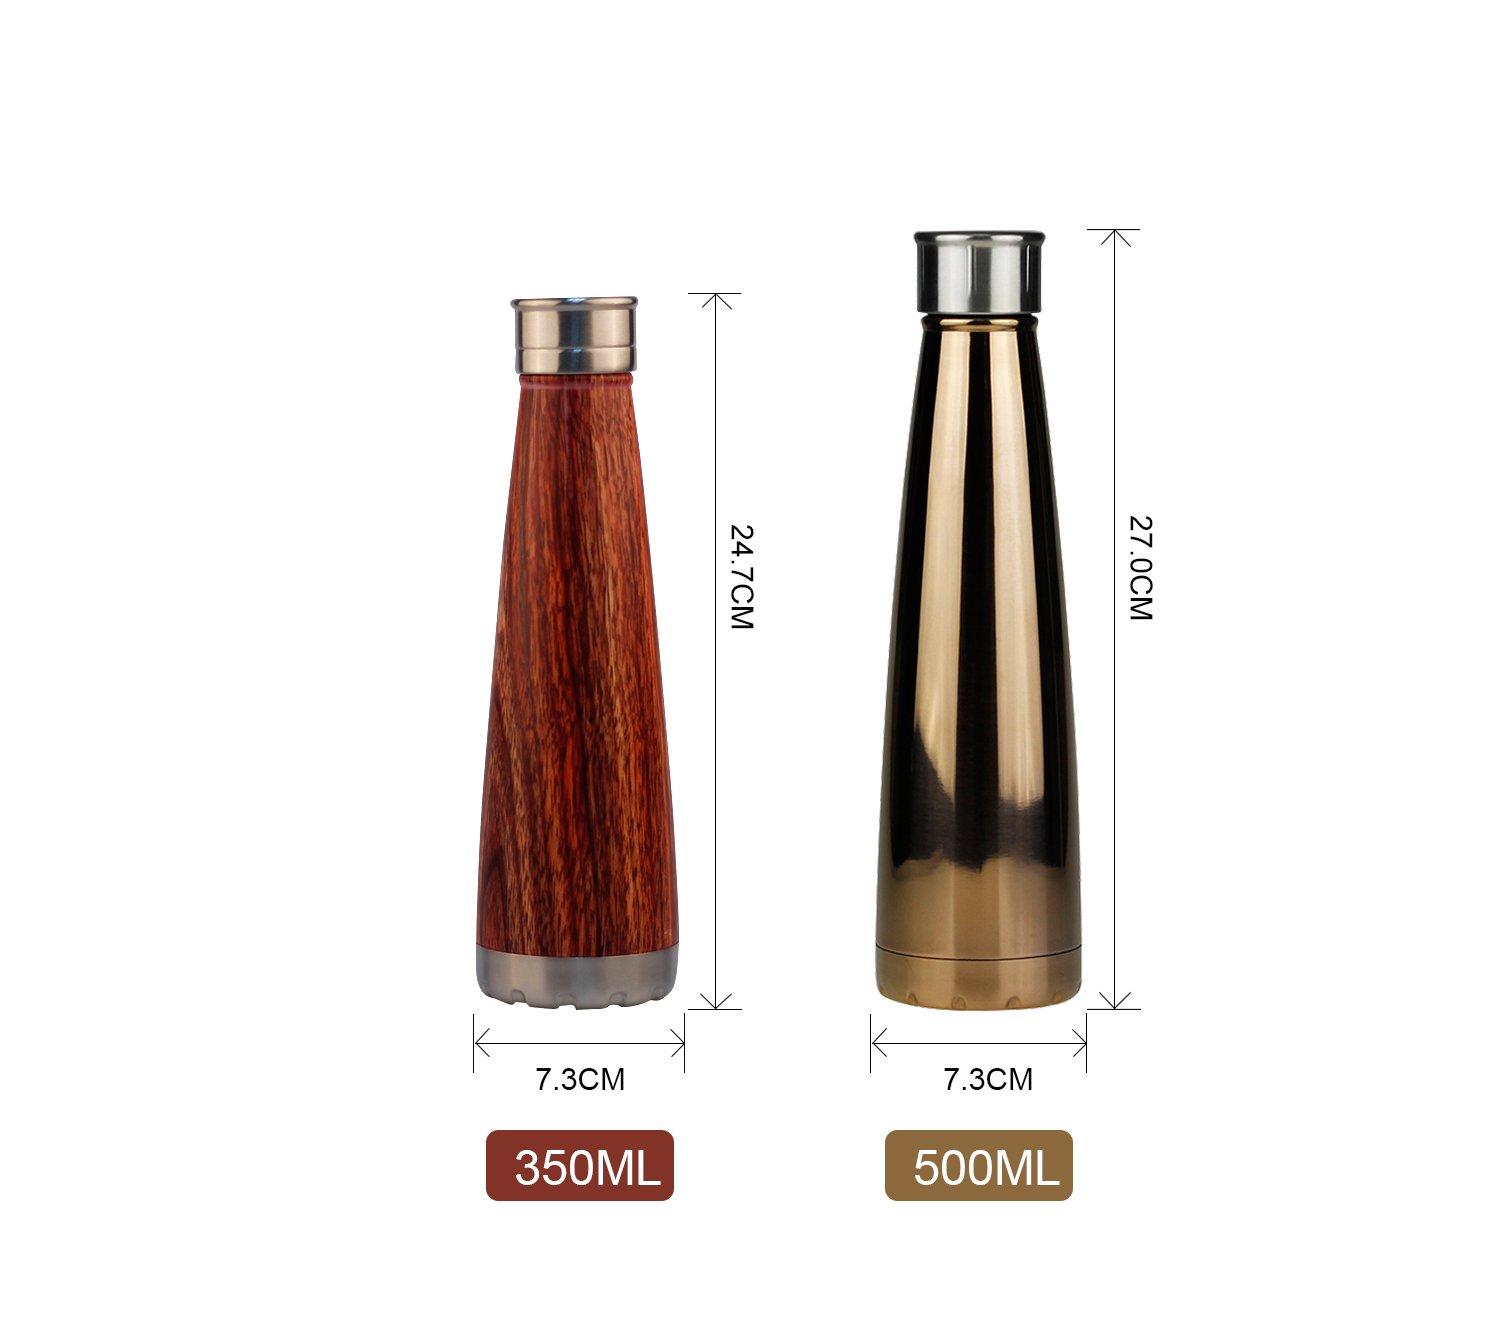 Sip bottle